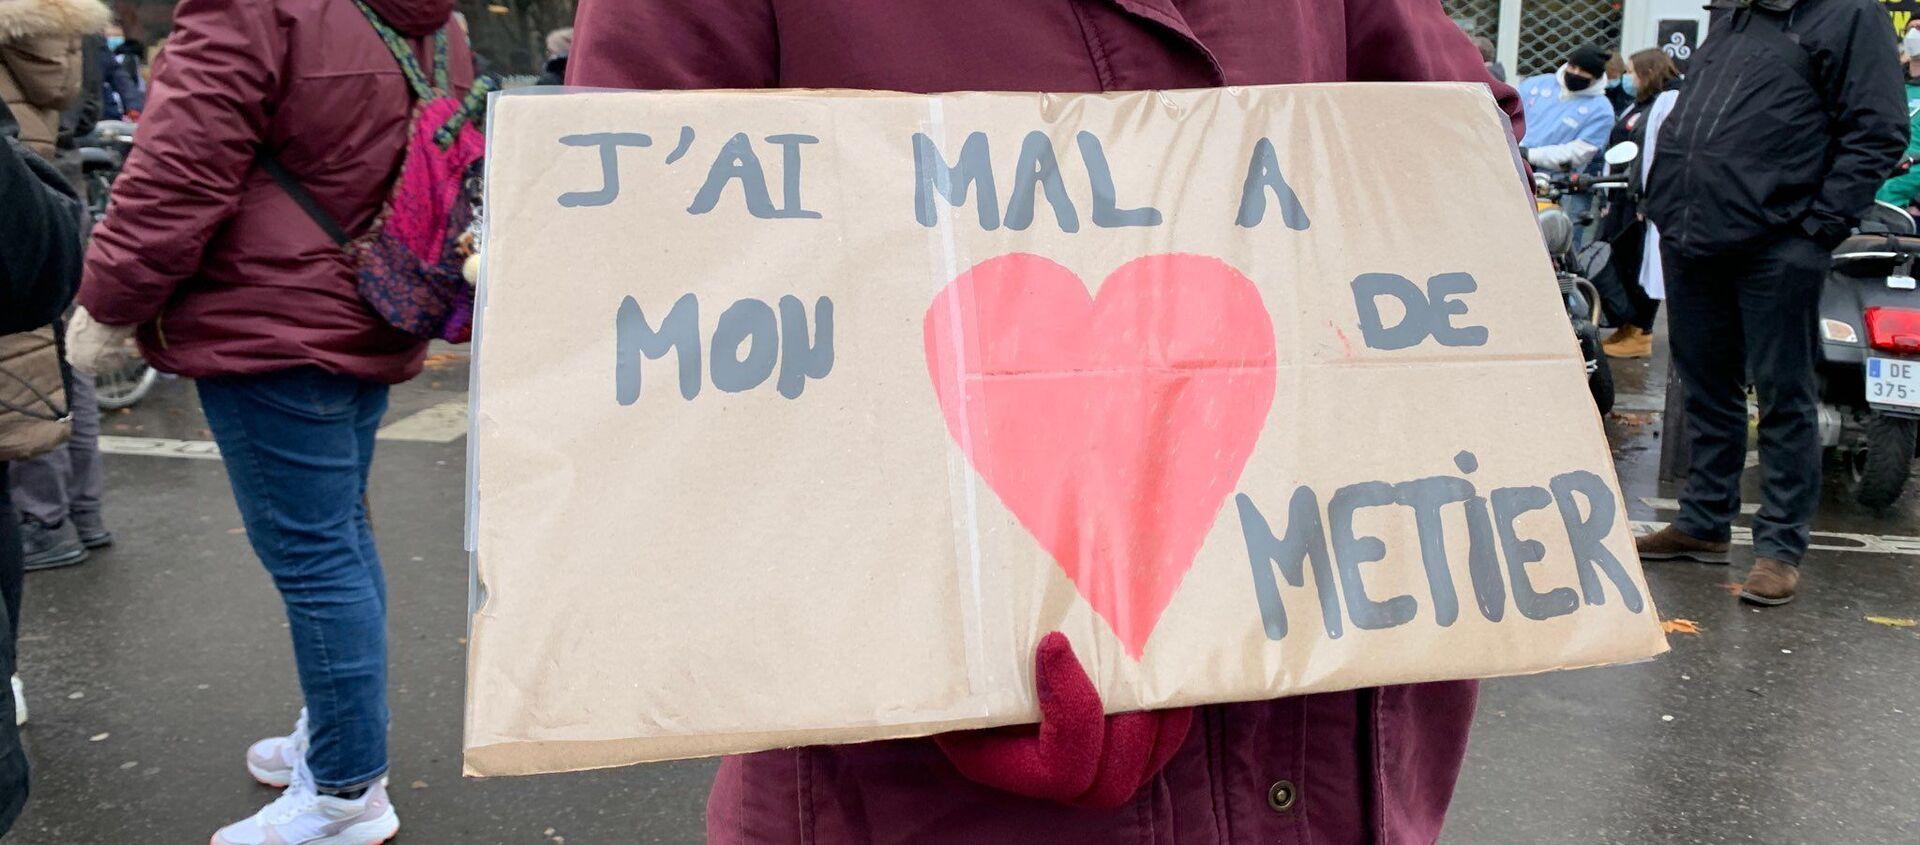 Manifestation des soignants à Paris à côté du ministère de la Santé, le 21 janvier 2021 - Sputnik France, 1920, 21.01.2021